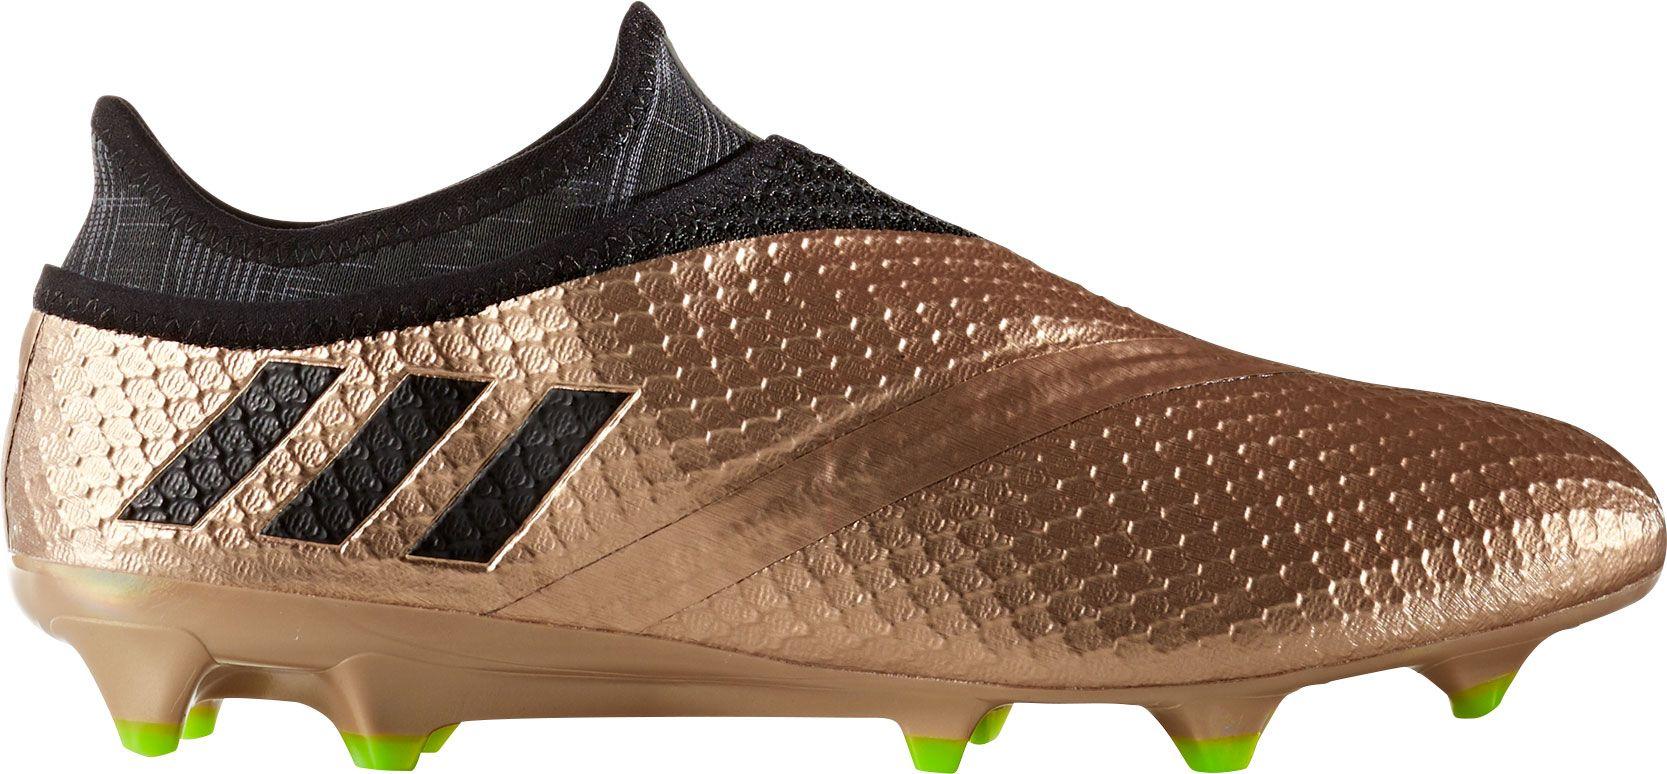 88fe3a4e3 50%OFF adidas Mens Mesi 16+ Pureagility FG Soccer Cleats DICKS Sporting  Goods